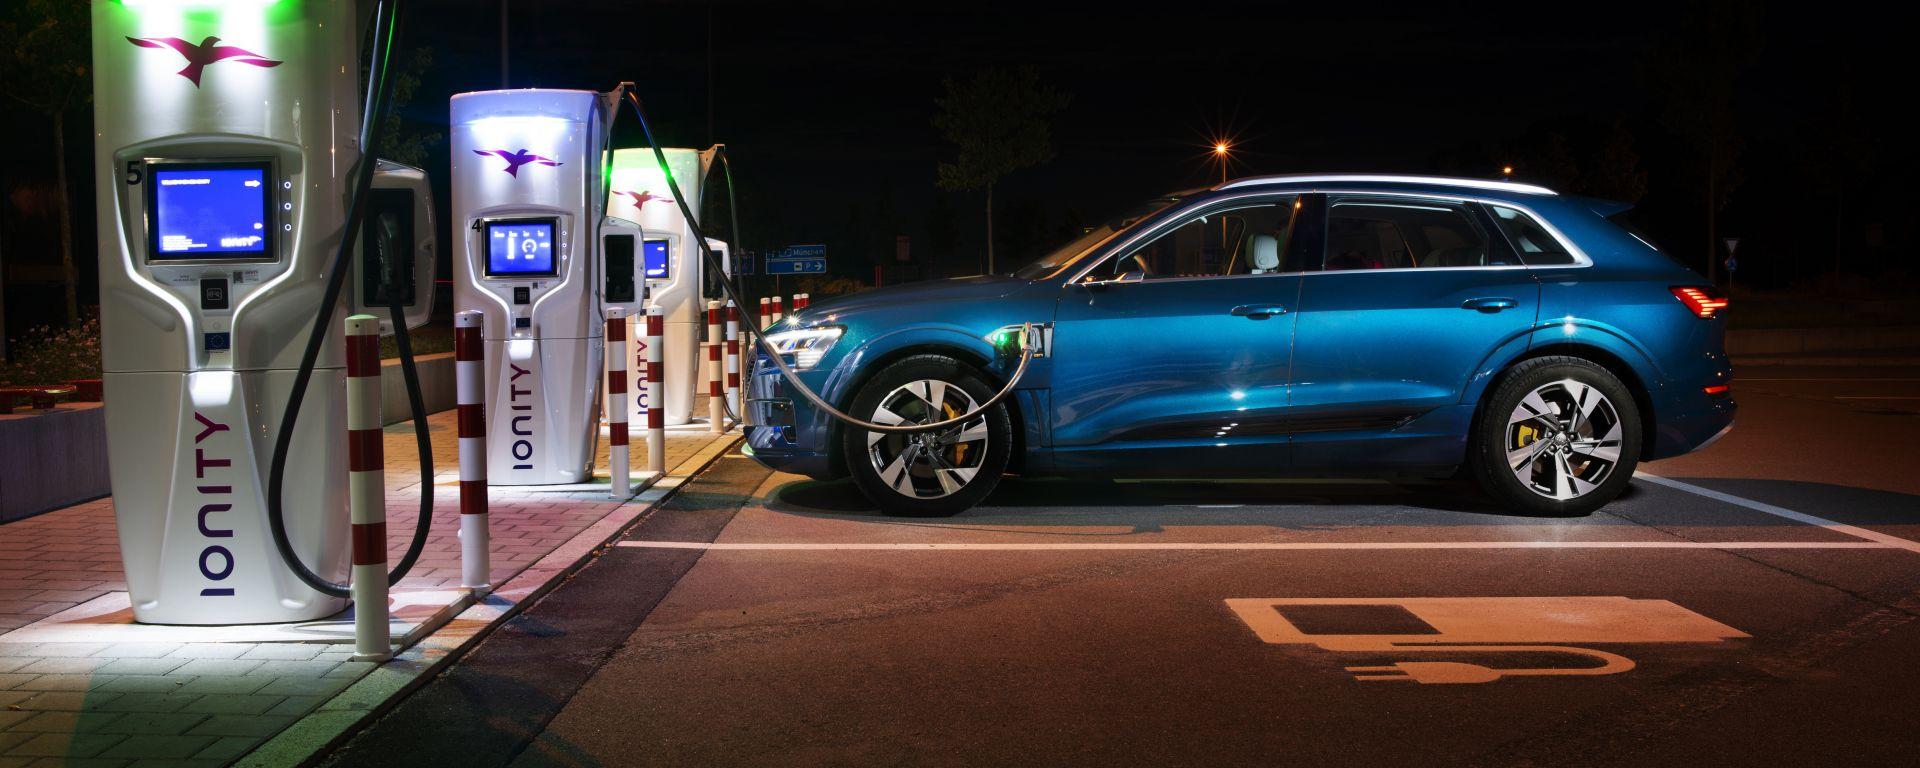 Due gli abbonamenti a consumo (con canone mensile fisso) di Ionity per i clienti Audi